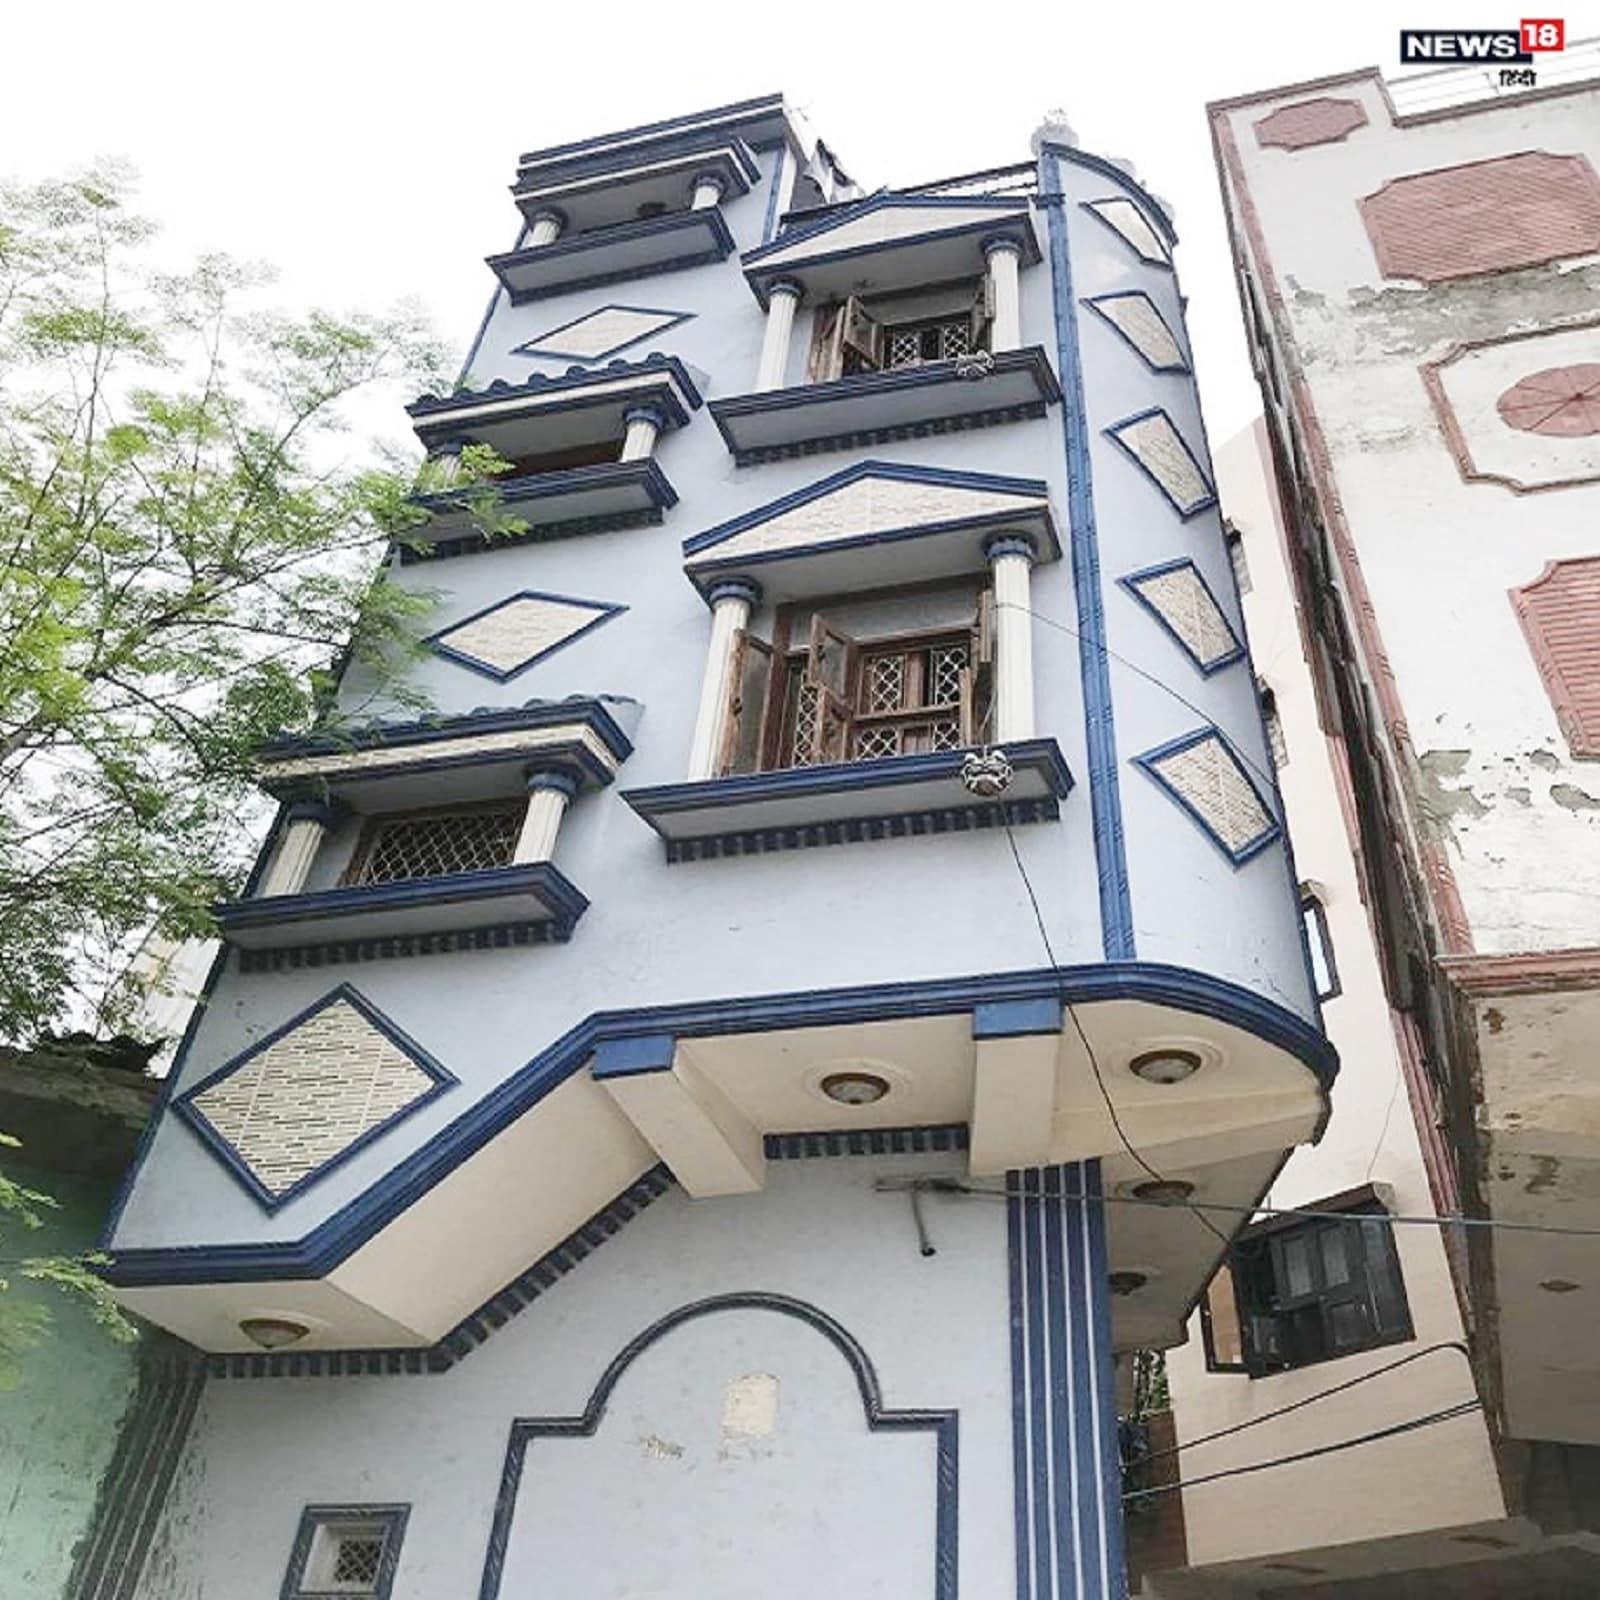 जहां तंग गलियों से निकलने पर लोग झल्ला जाते हैं, वहीं एक शख्स ने तंग जमीन पर तीन मंजिला इमारत खड़ी कर दी.छह गज का मकान, दिल्ली छह गज का घर, delhi six yard house, smallest house of delhi, delhi smallest house, lockdown experience in smallest house of delhi, delhi life in corona lockdown, lockdown diaries, lockdown special story, second wave corona in delhi, लॉकडाउन स्टोरी, लॉकडाउन के अनुभव, कोरोना और सोशल डिस्टेंसिंग, सबसे छोटा घर, बिल्डर, कला का नमूना, अजब गजब, आठवां अजूबा, कोरोना की दूसरी लहर